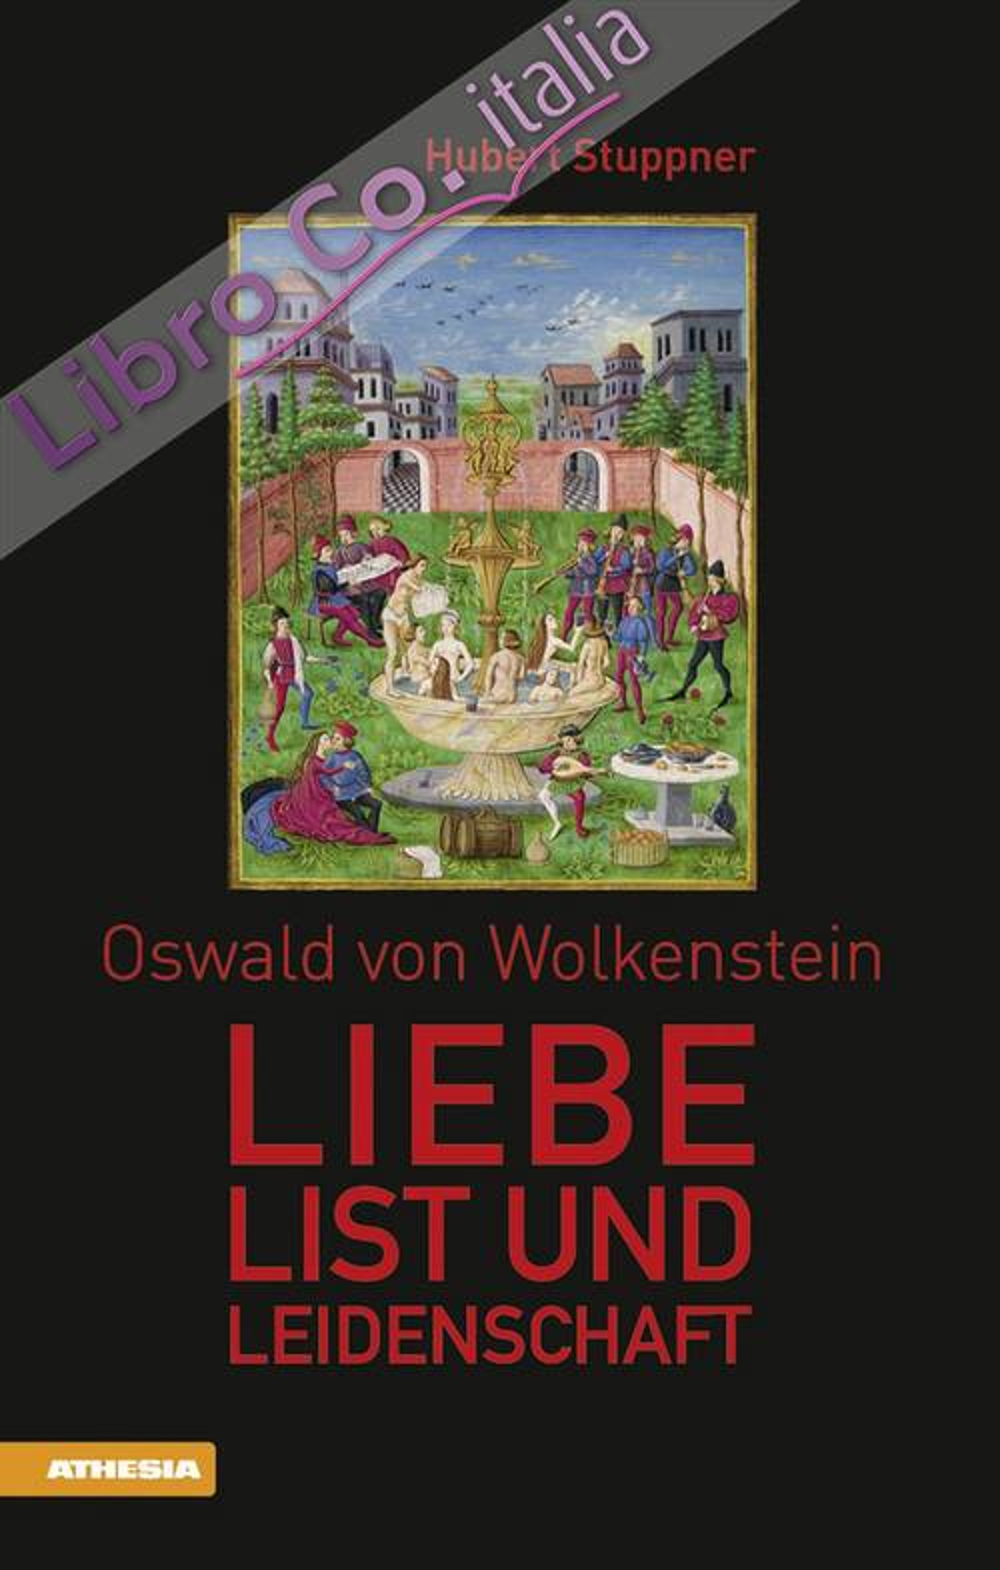 Oswald von Wolkenstein Liebe, List und Leidenschaft.